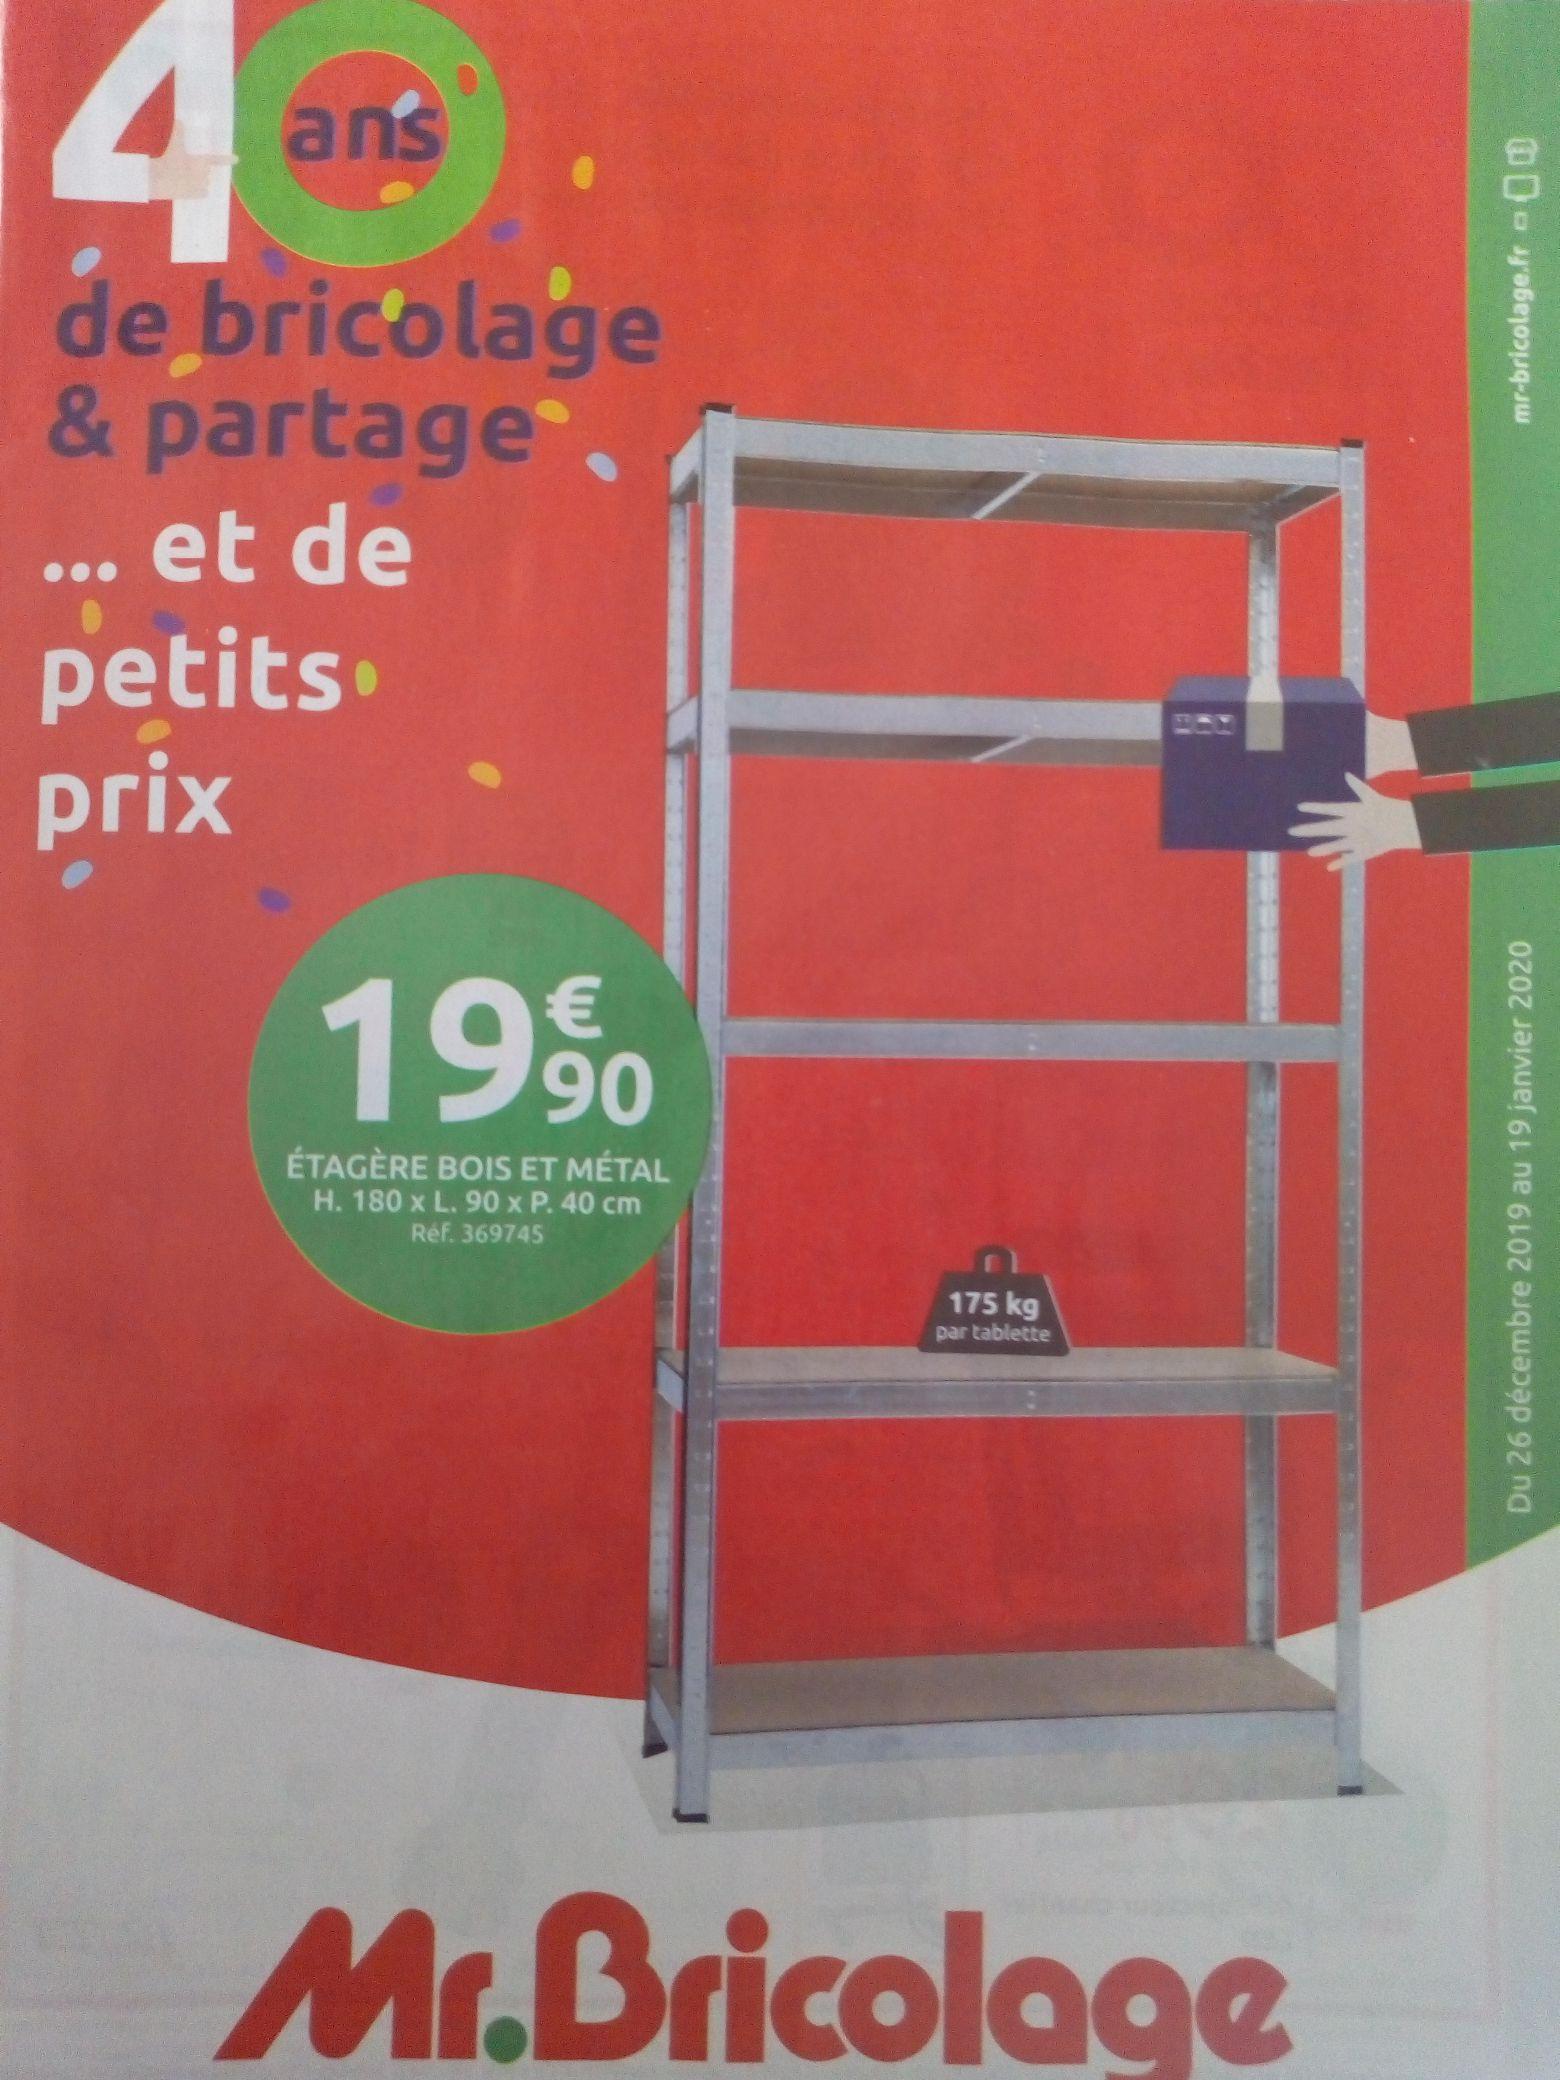 Bons Plans Mr Bricolage Deals Pour Janvier 2020 Dealabscom